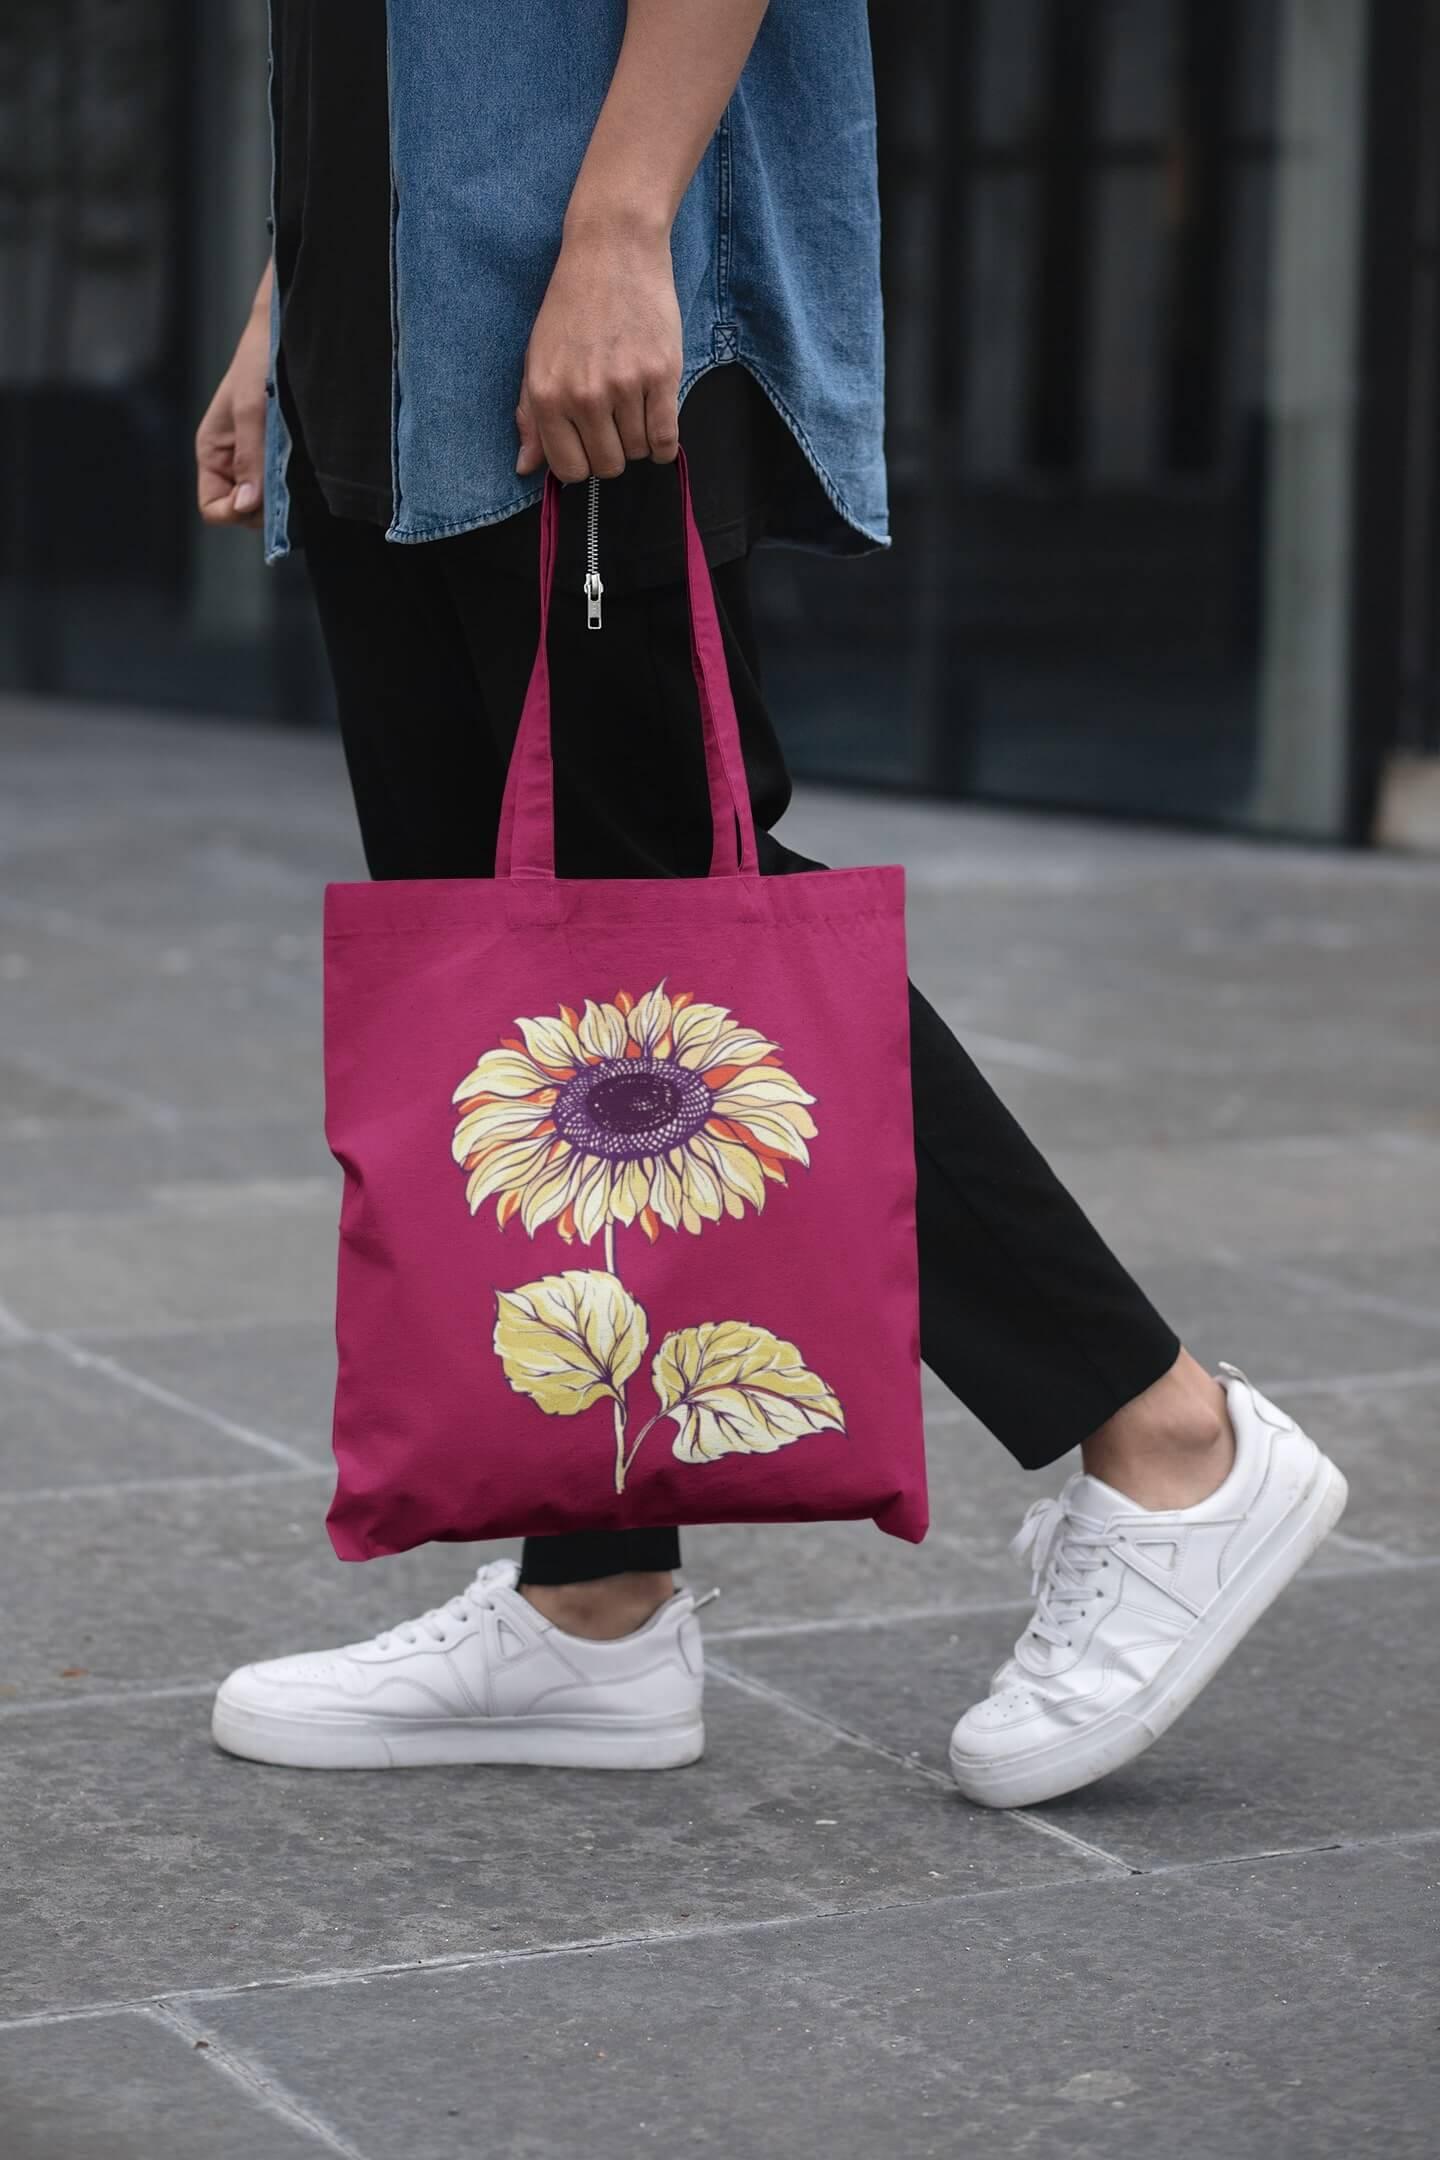 MMO Bavlnená taška Slnečnica Farba tašky: Malinová